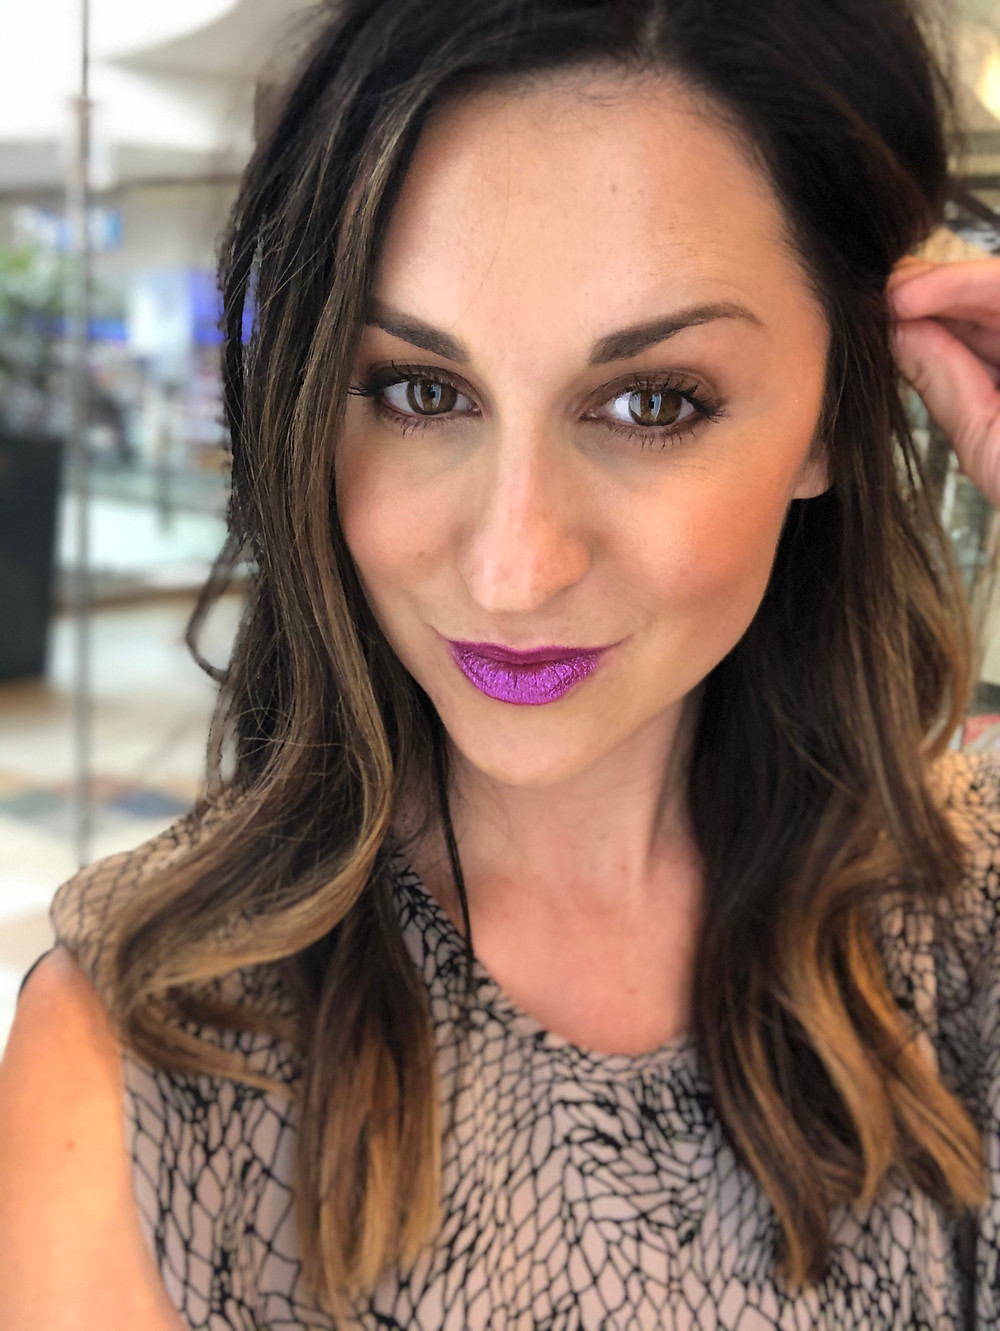 OKC makeup artist beauty blogger courtney garrison